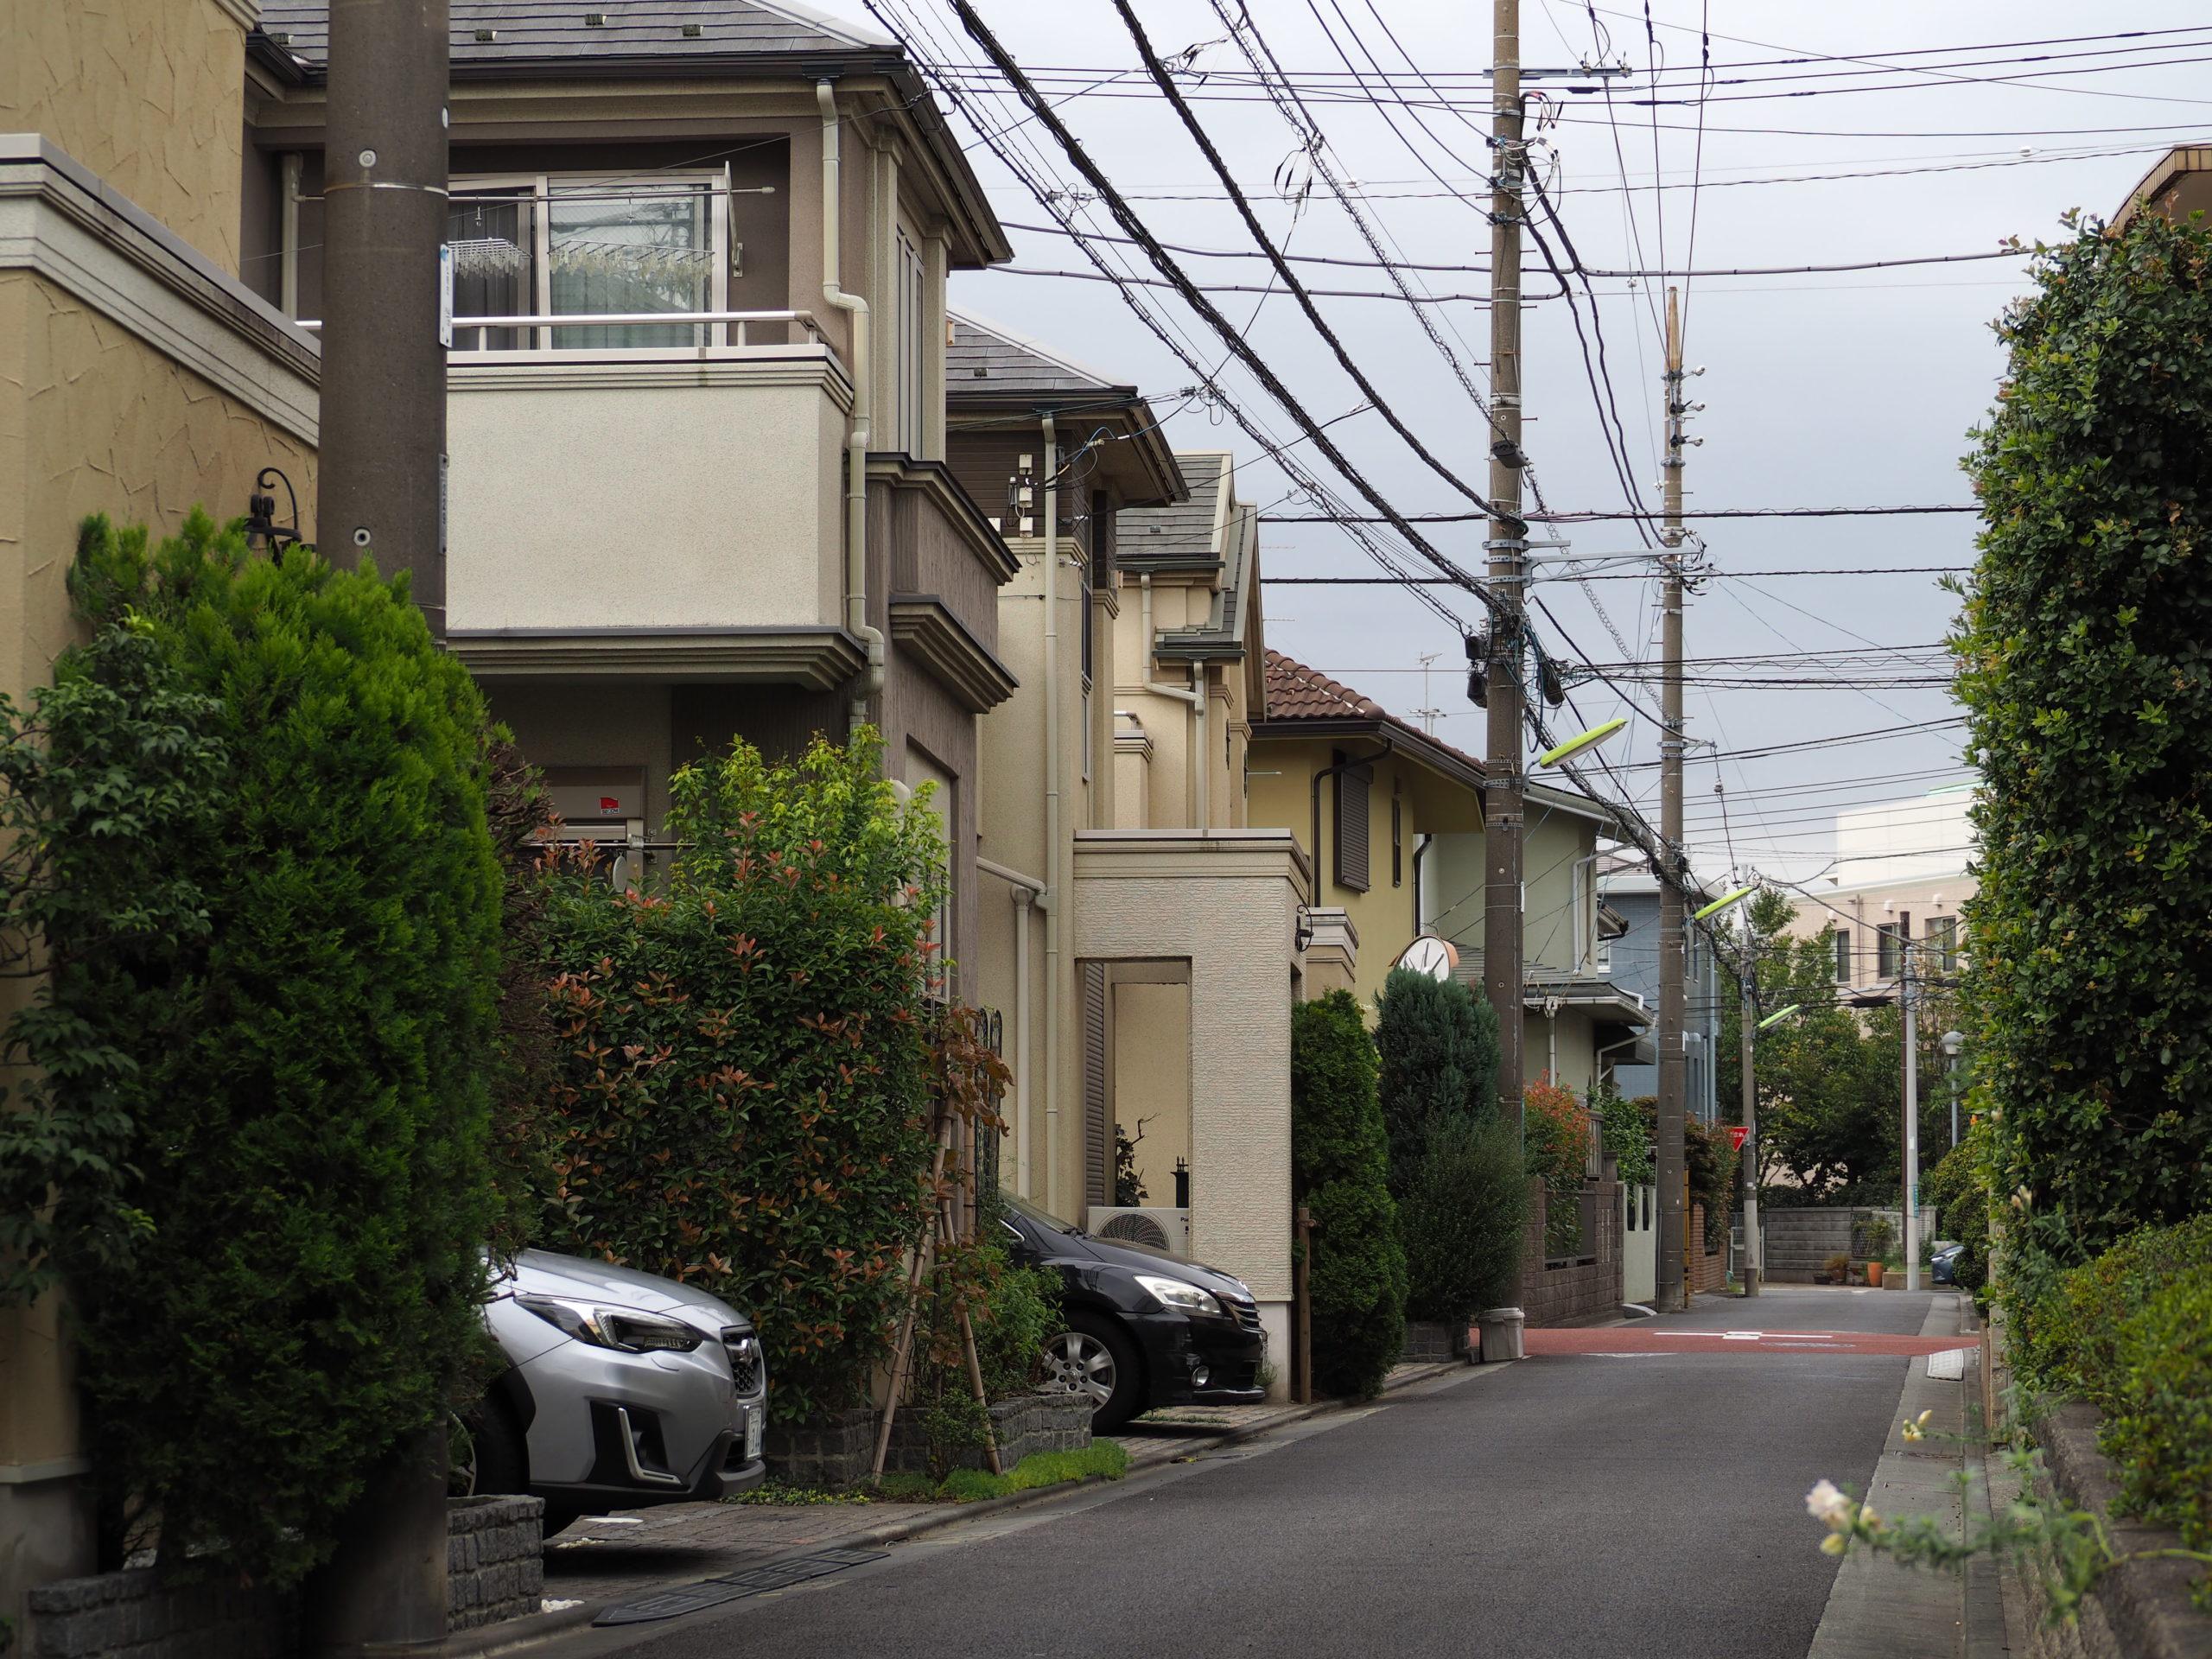 コロナ禍で住宅購入の検討促進が増加―リクルート調べ、広さ重視の傾向強まる